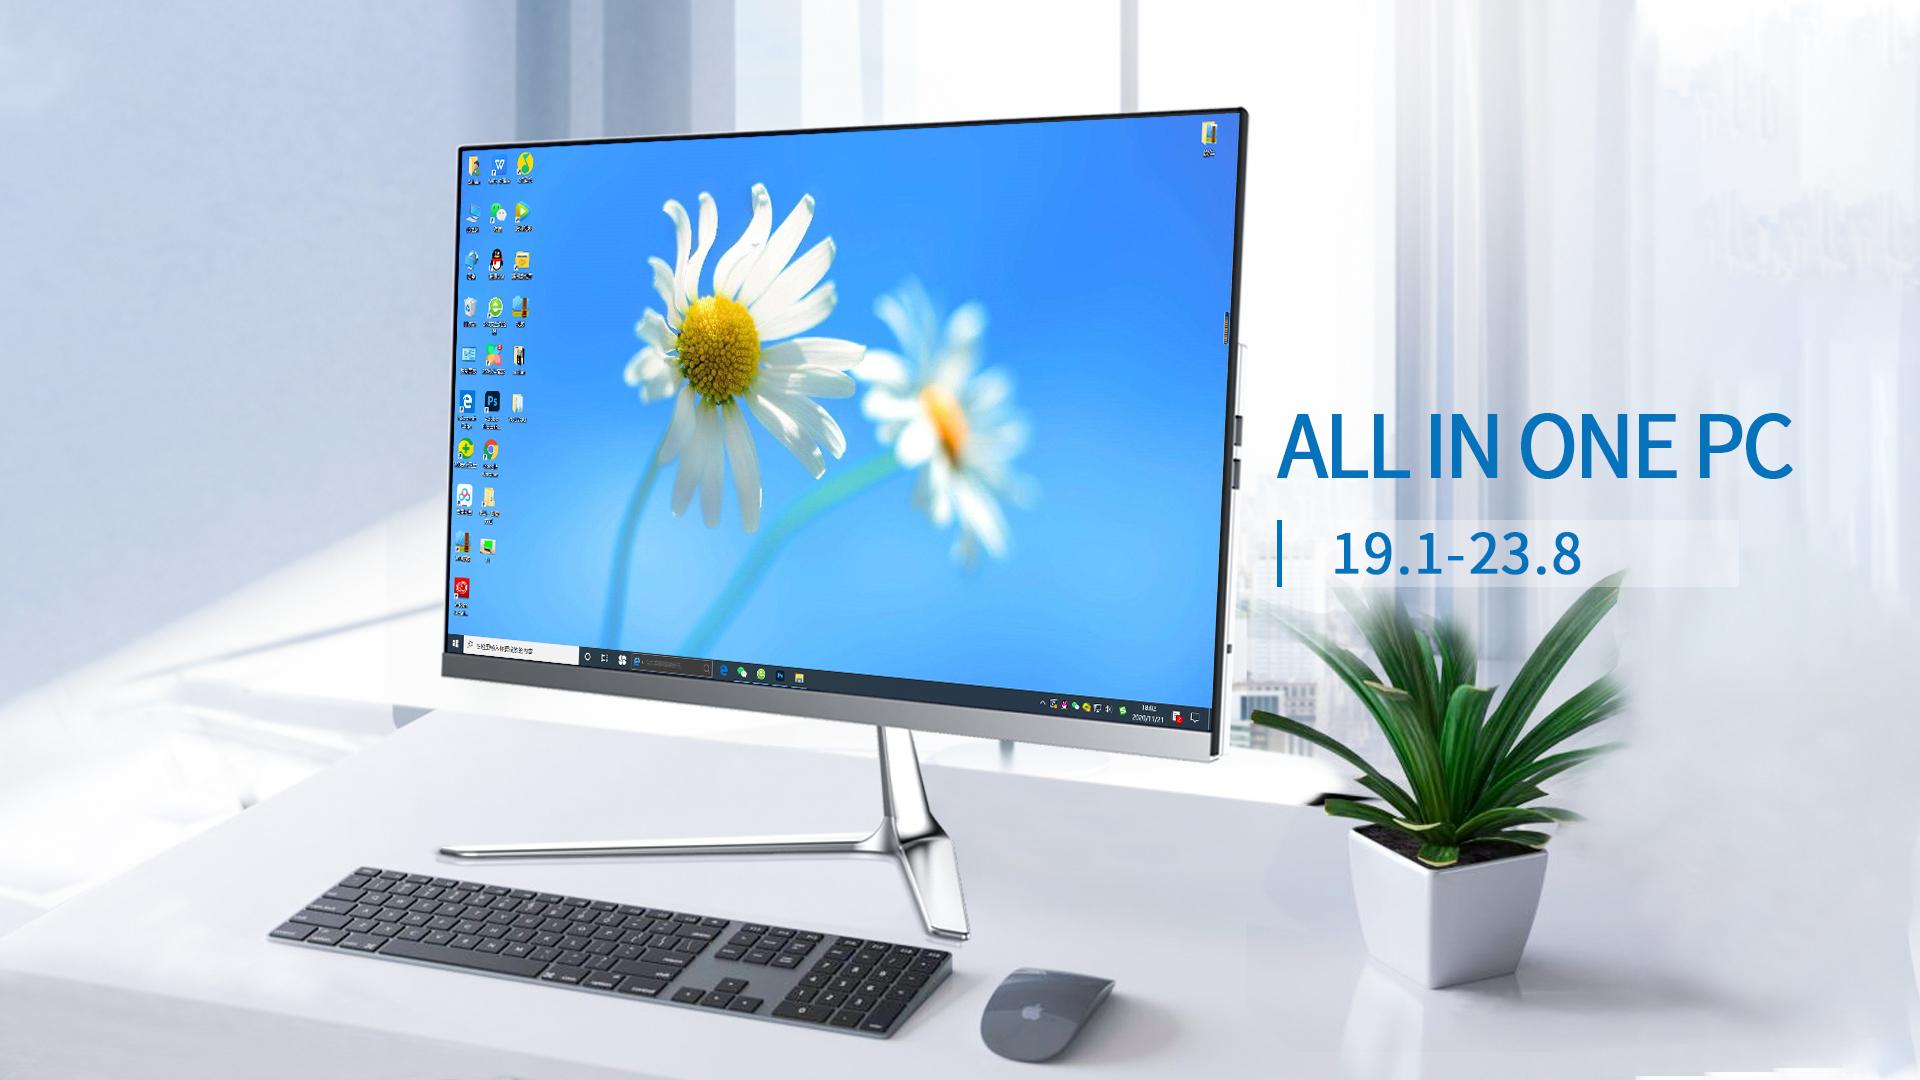 Youyou 22/24インチモニターデスクトップコンピューター16g ramメモリddr4 480 gb ssd hdd aio pc